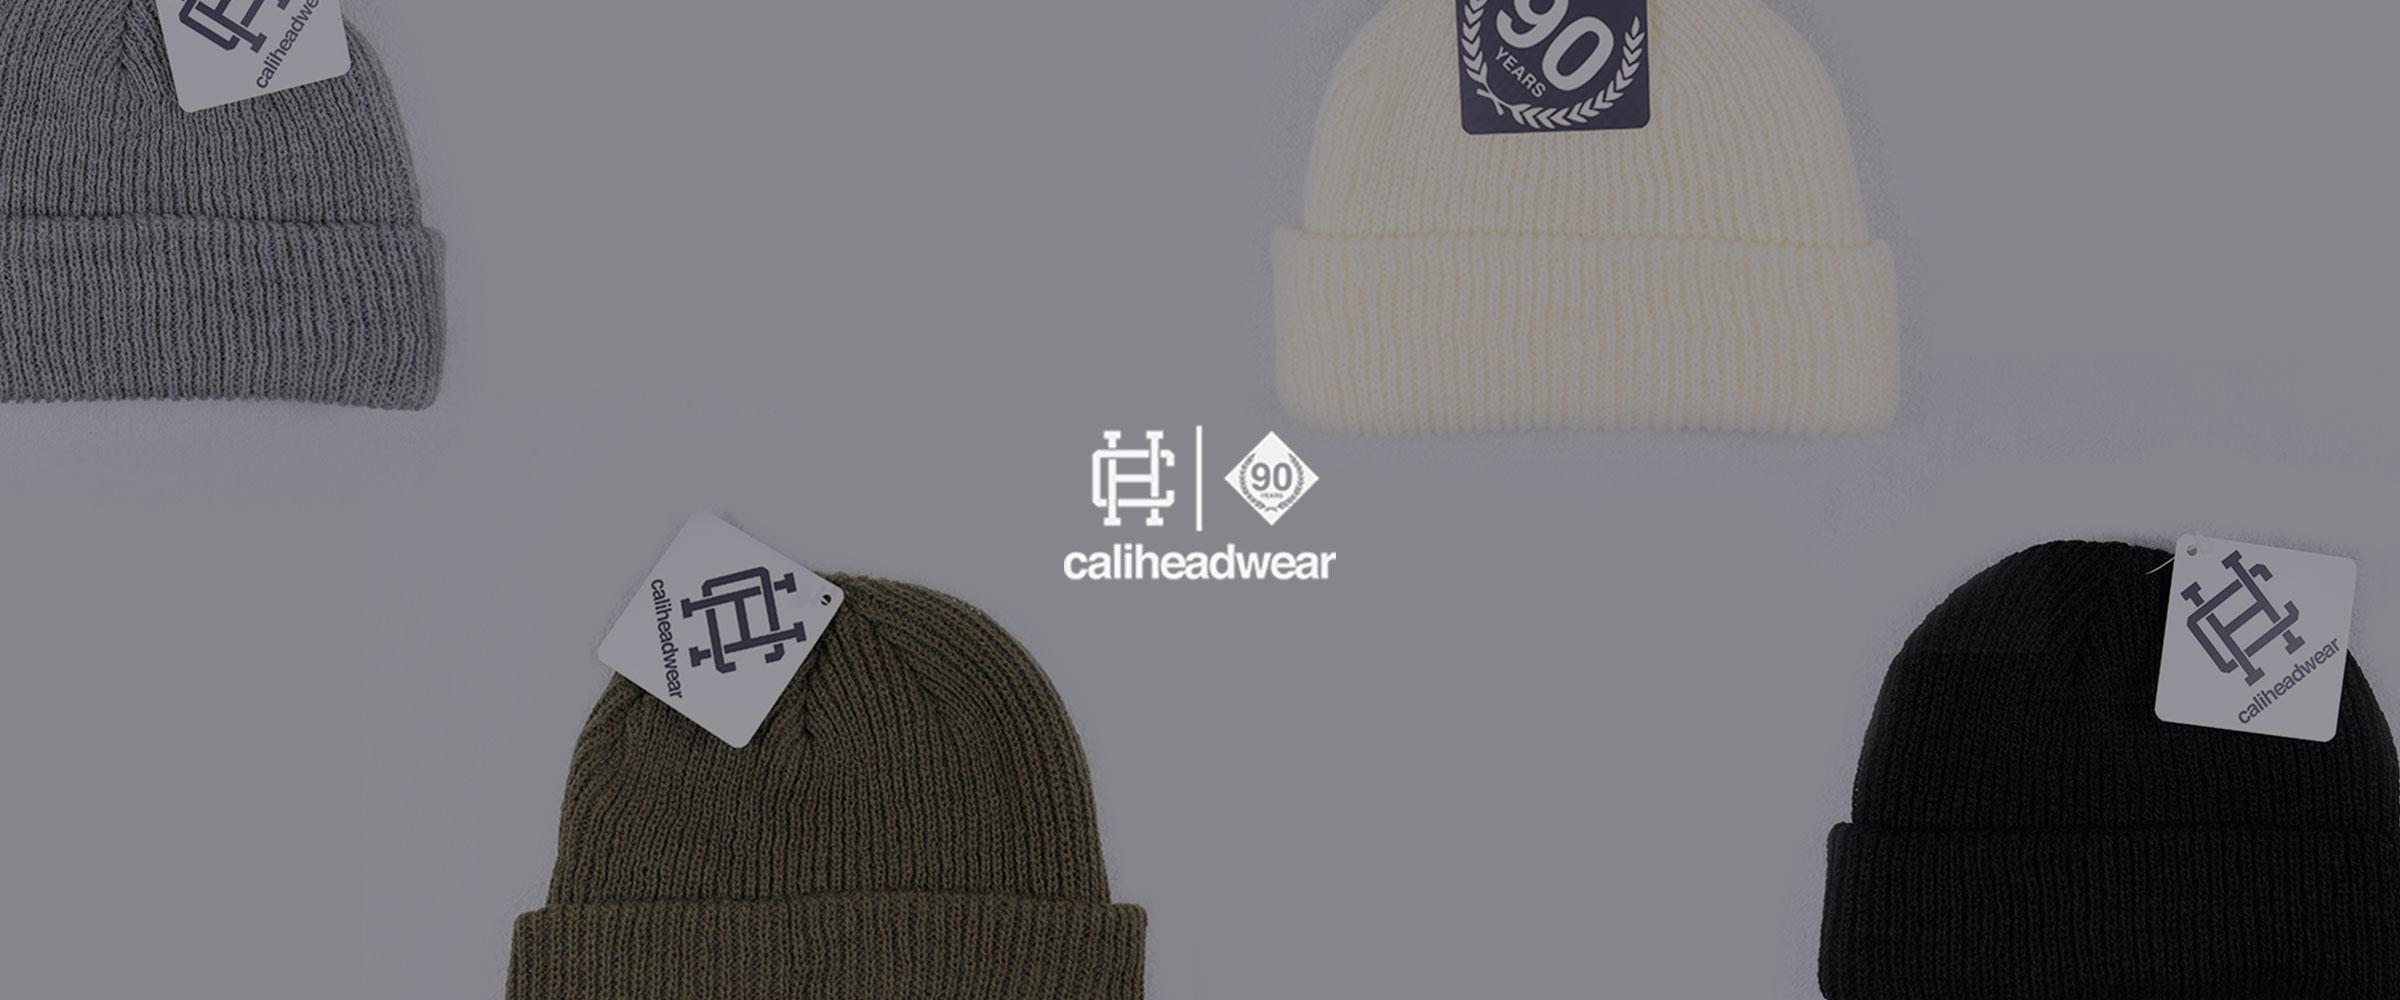 caliheadwear.jpg